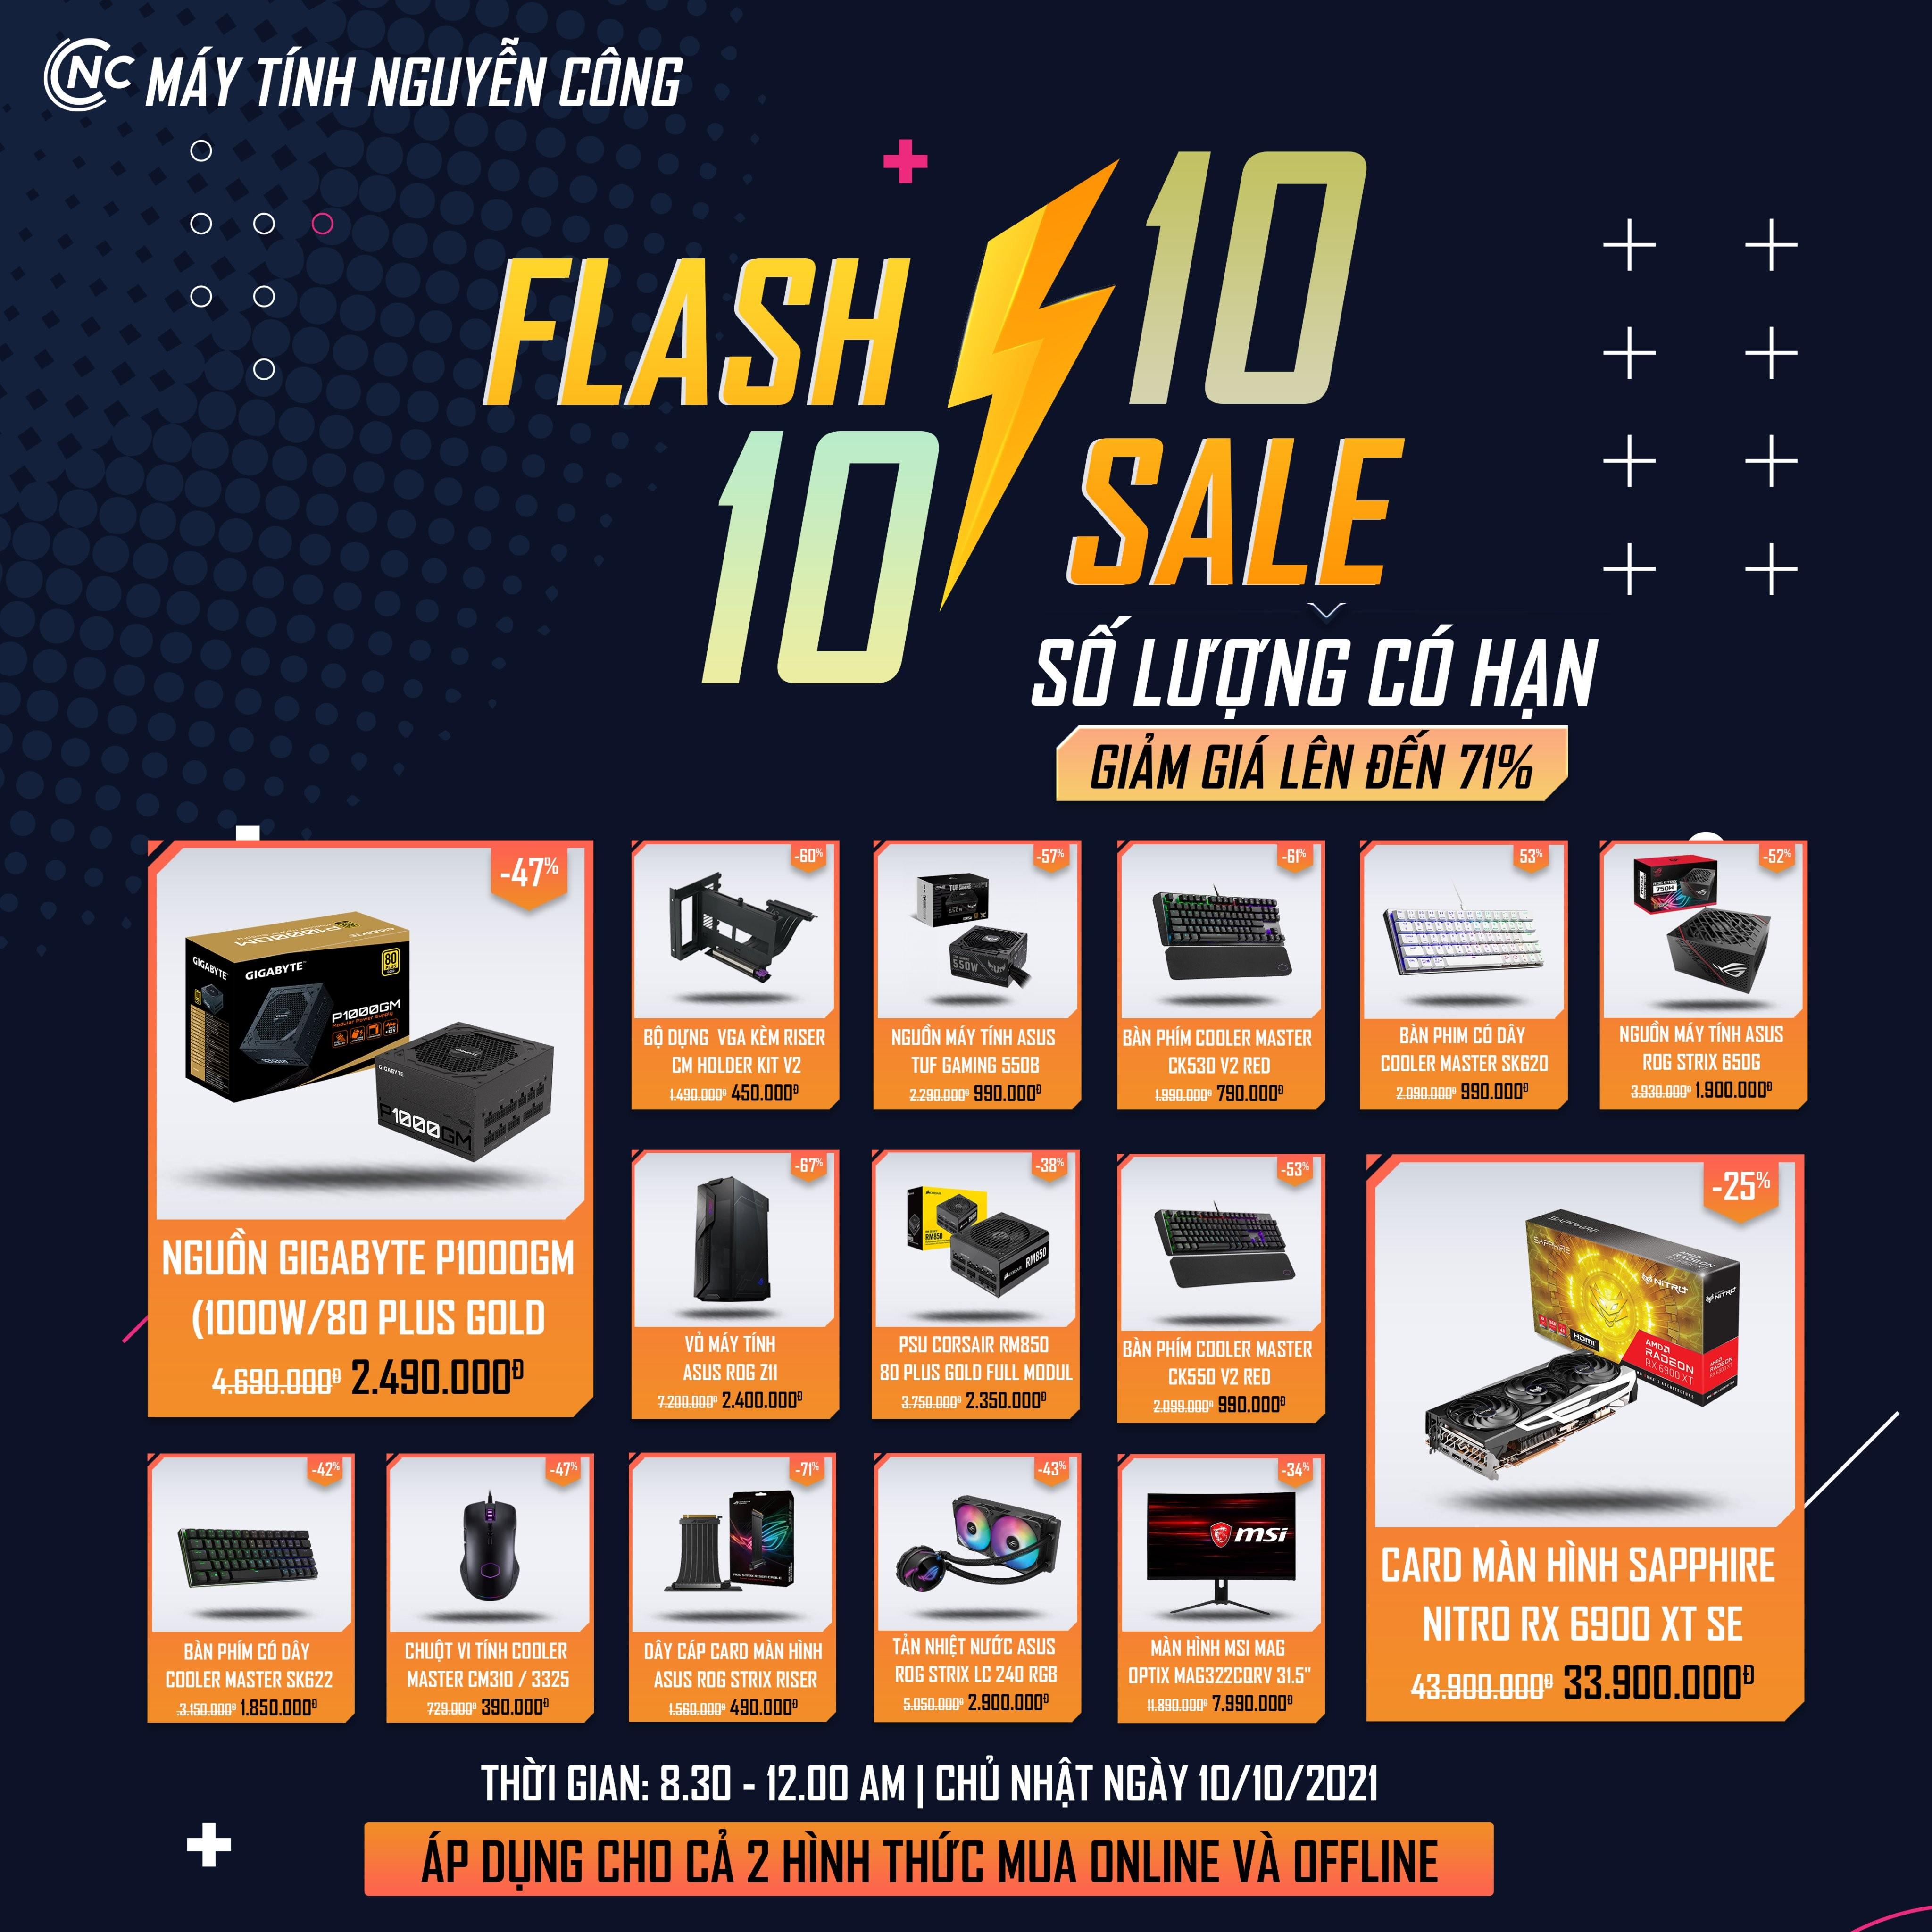 flash-sale-1010-giam-gia-len-den-71